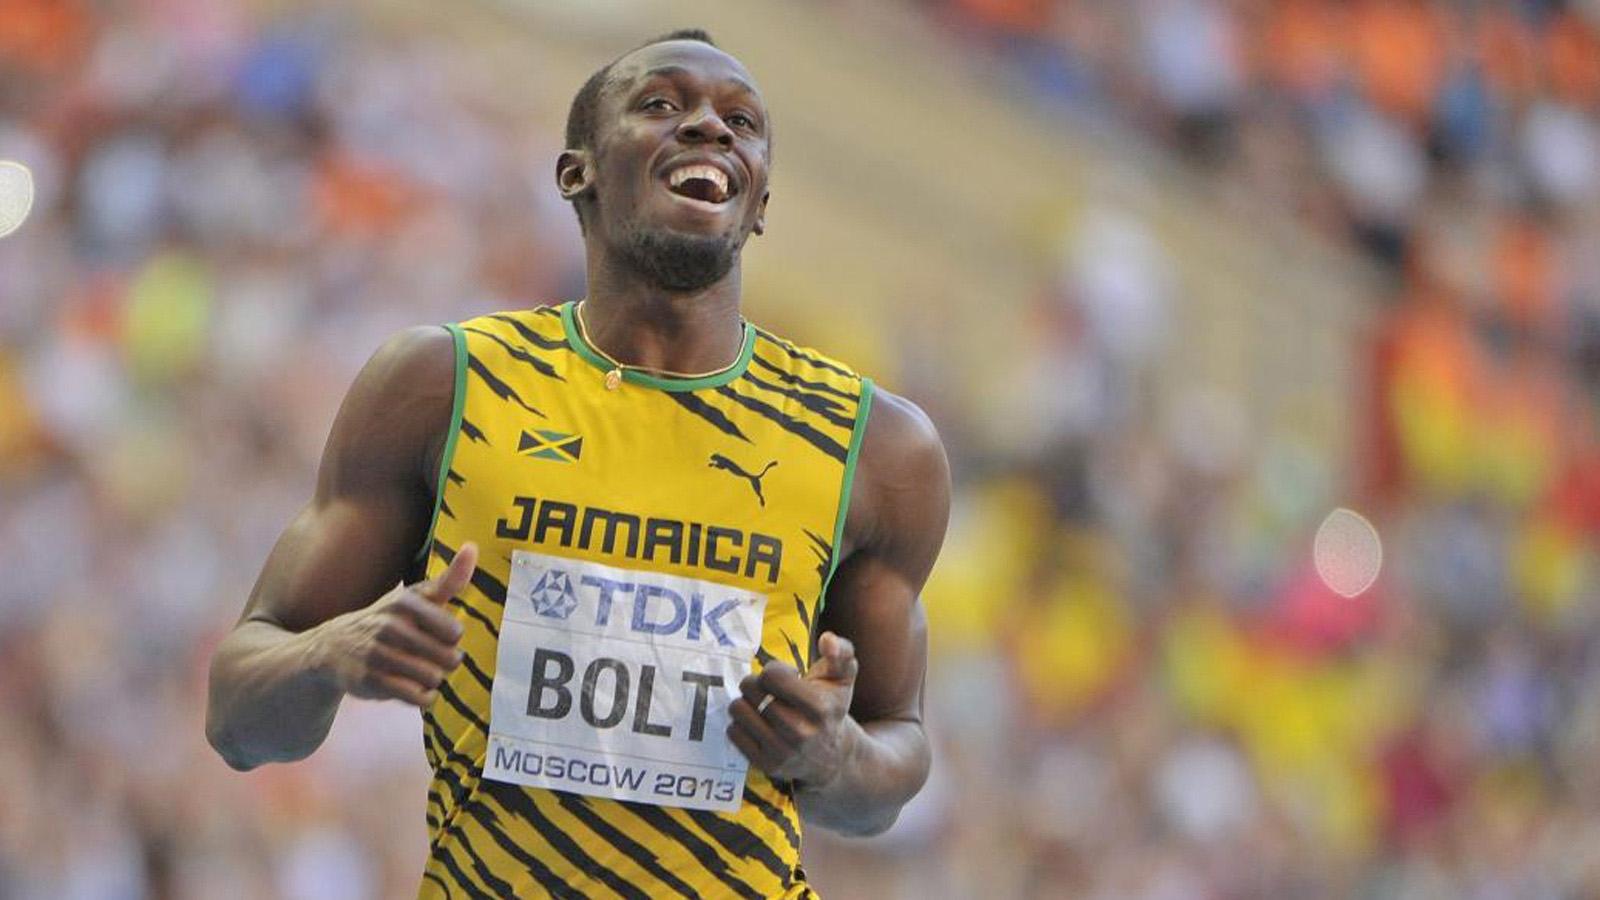 SRF-Kommentator Patrick Schmid über Usain Bolt (Radio SRF 1)